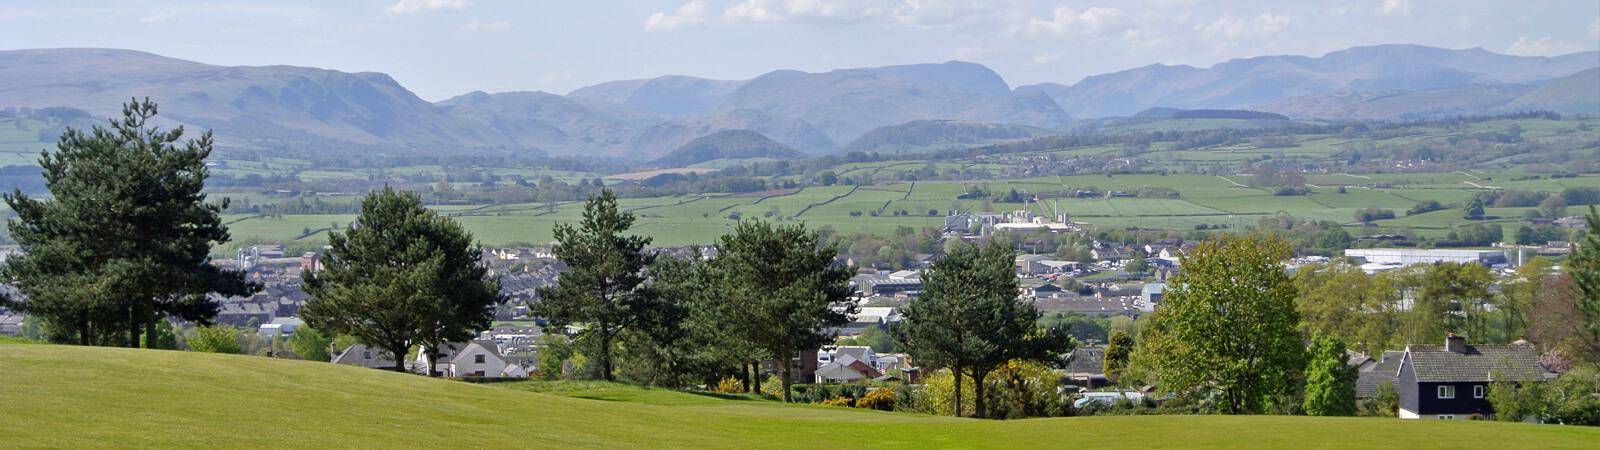 Yanwath, Nr Penrith, Cumbria